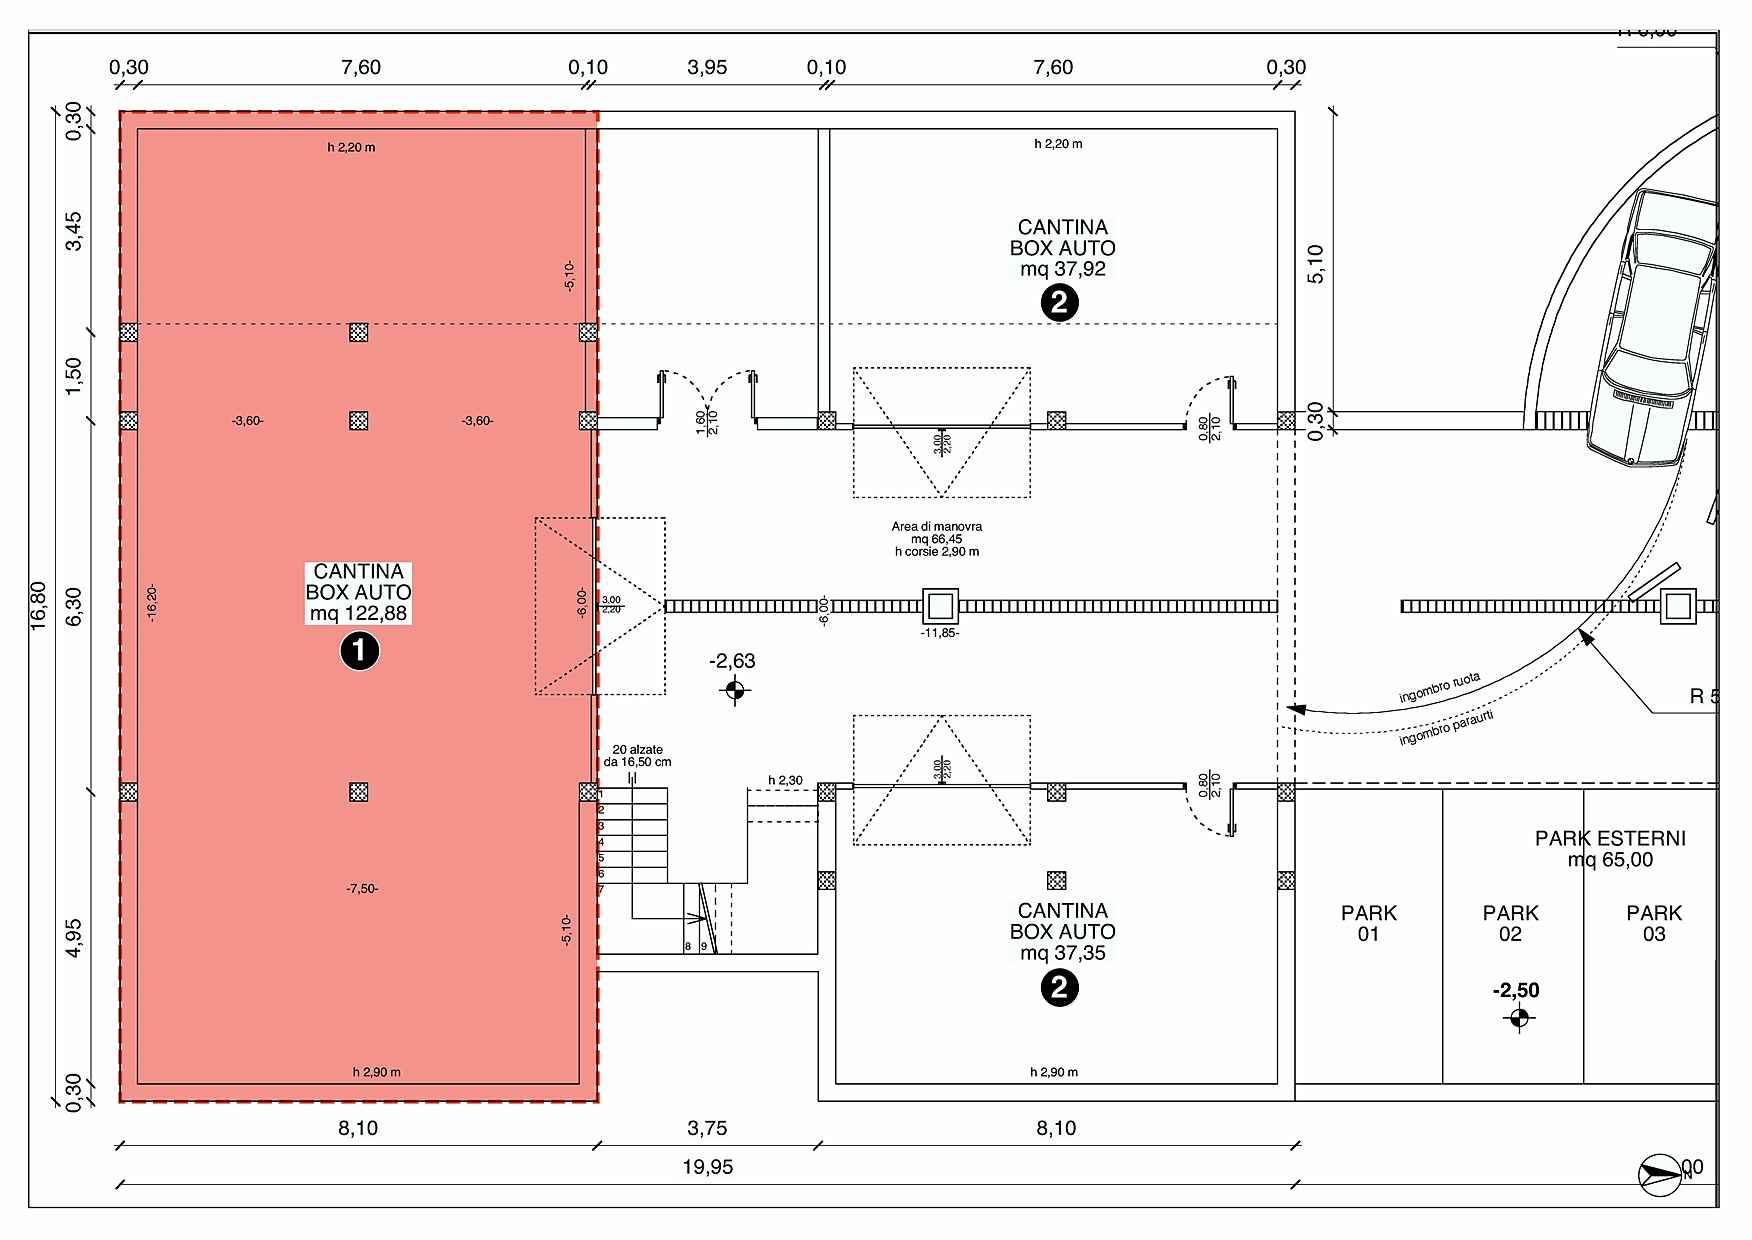 Villetta a schiera casa 1 rigatelli costruzioni for Progettista del piano interrato